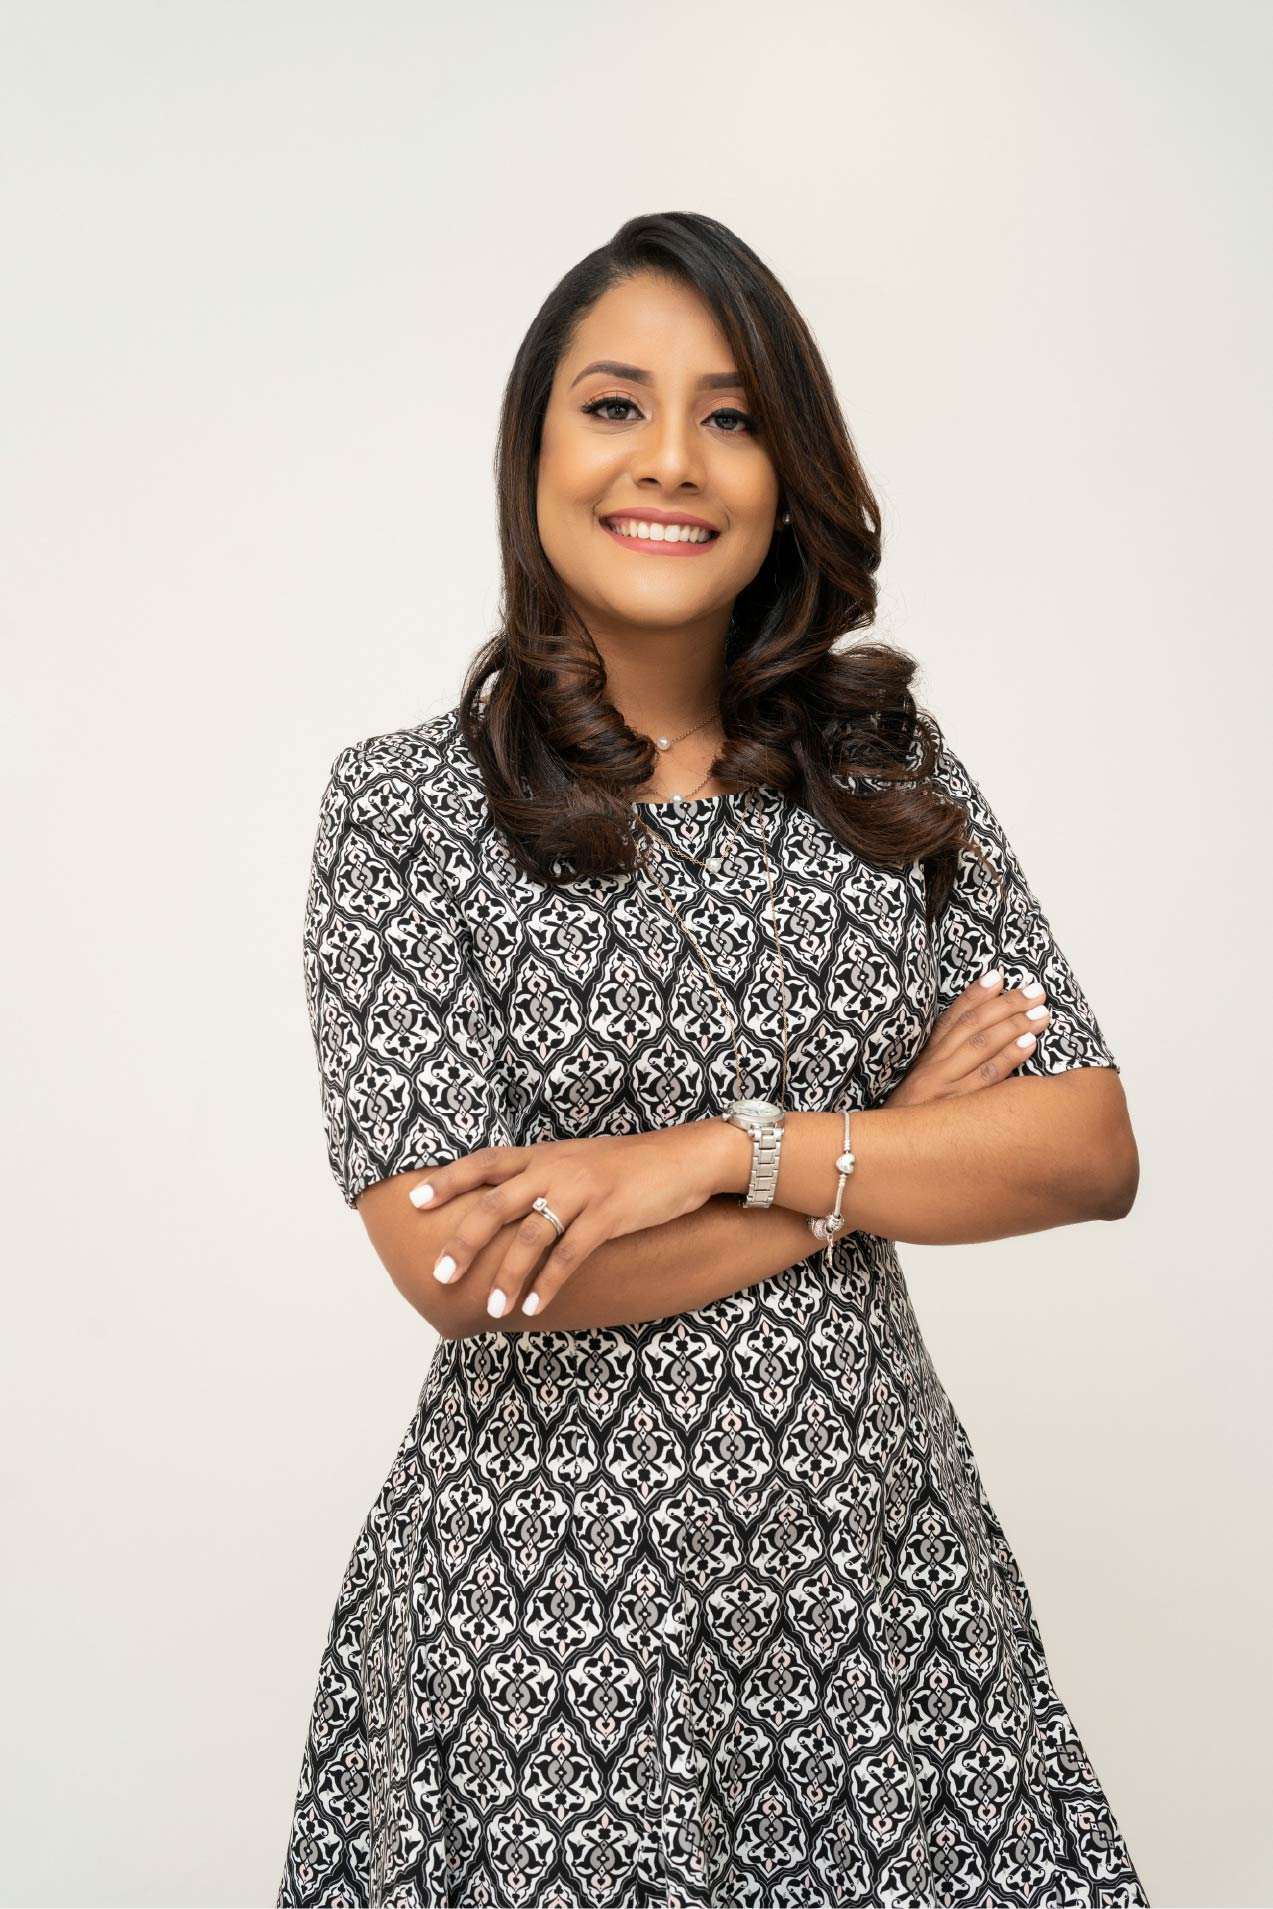 Ana Paula Campusano